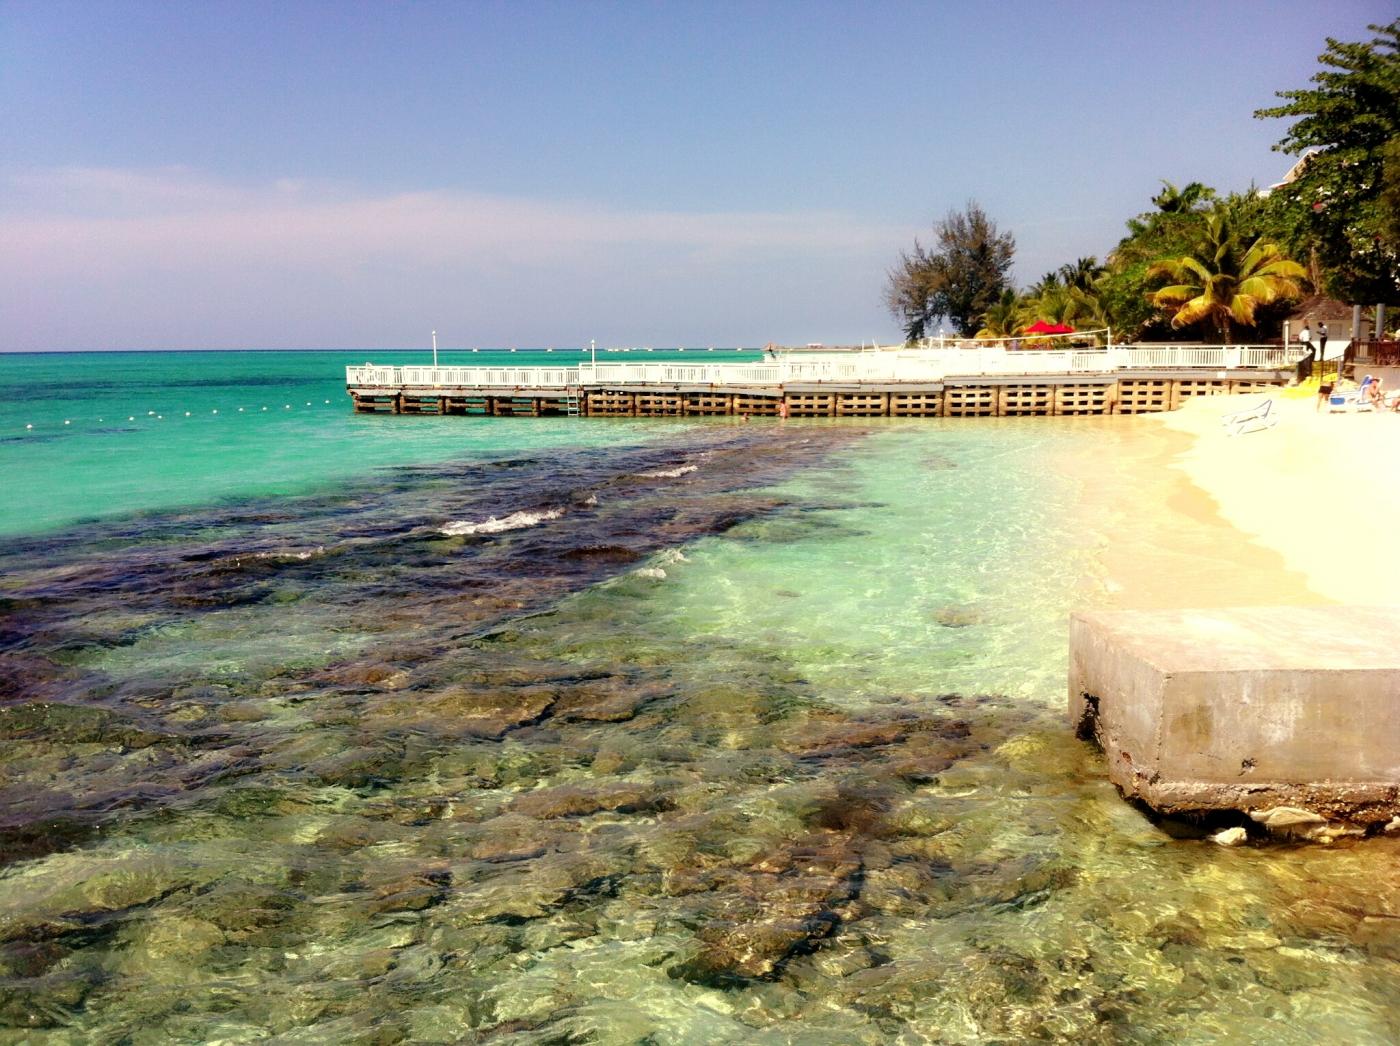 【原创】女儿的留学生活-----春假乘邮轮远航加勒比_图1-61